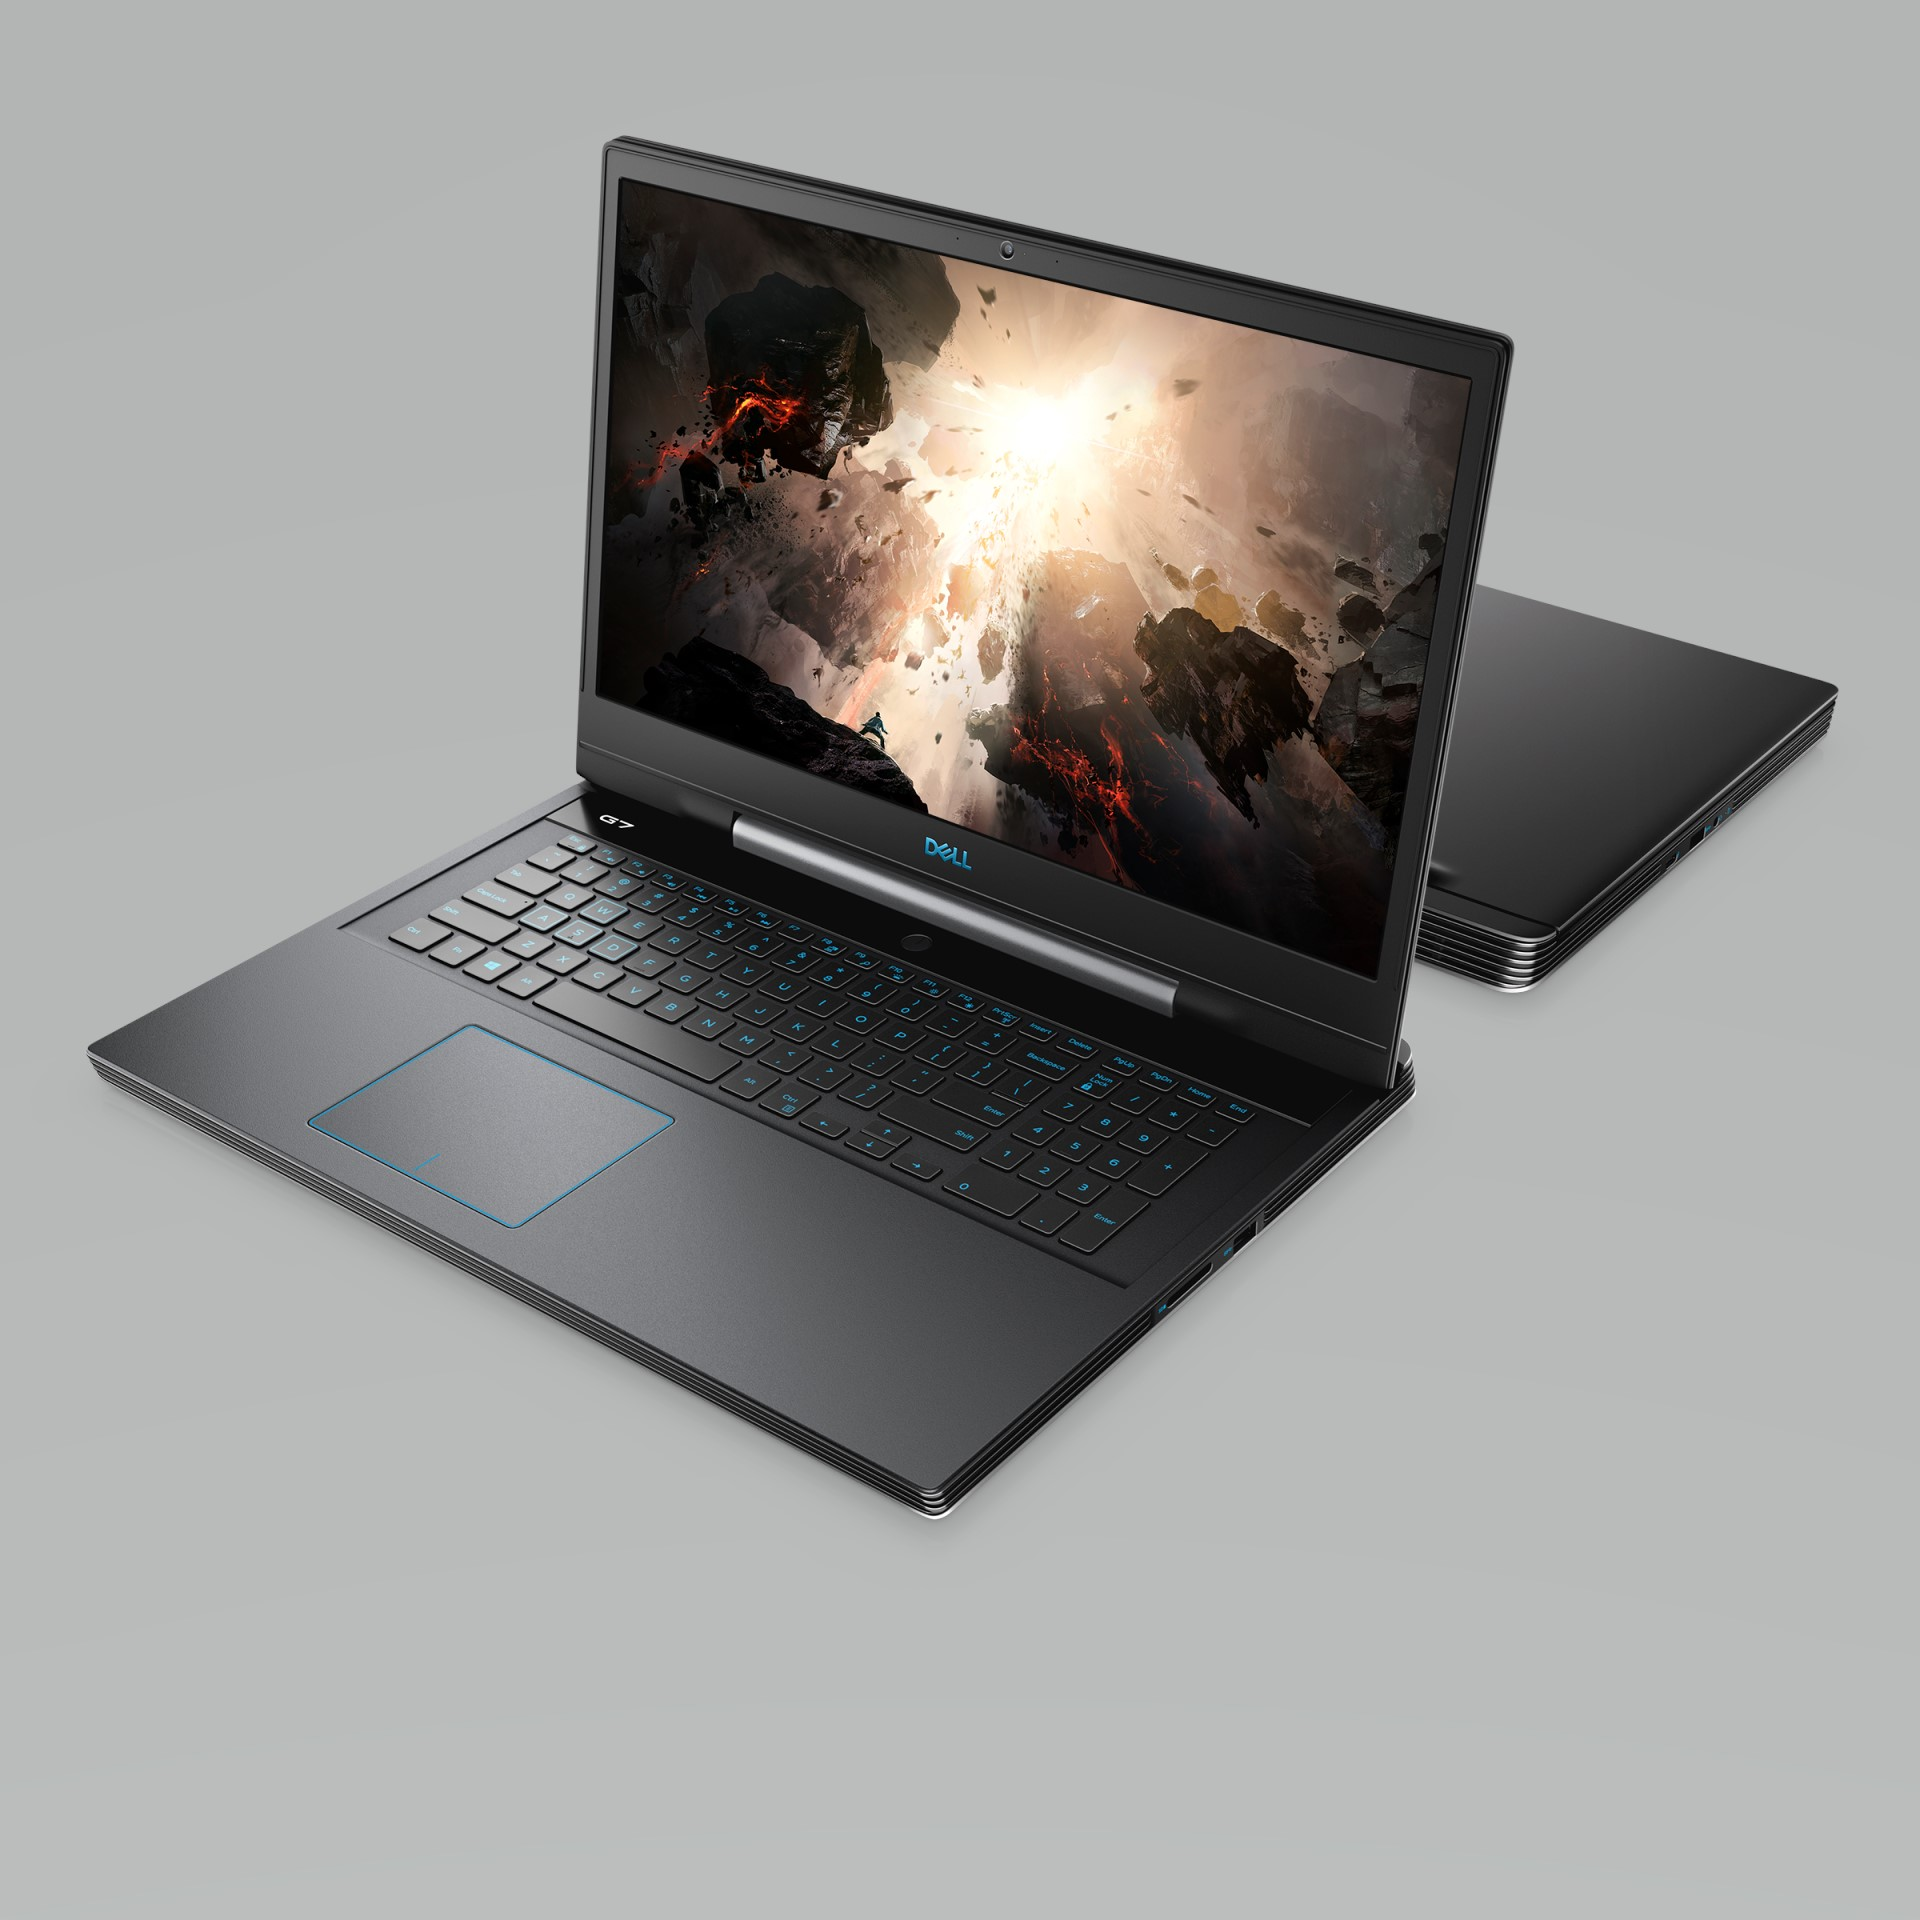 Dell G7 17 2019